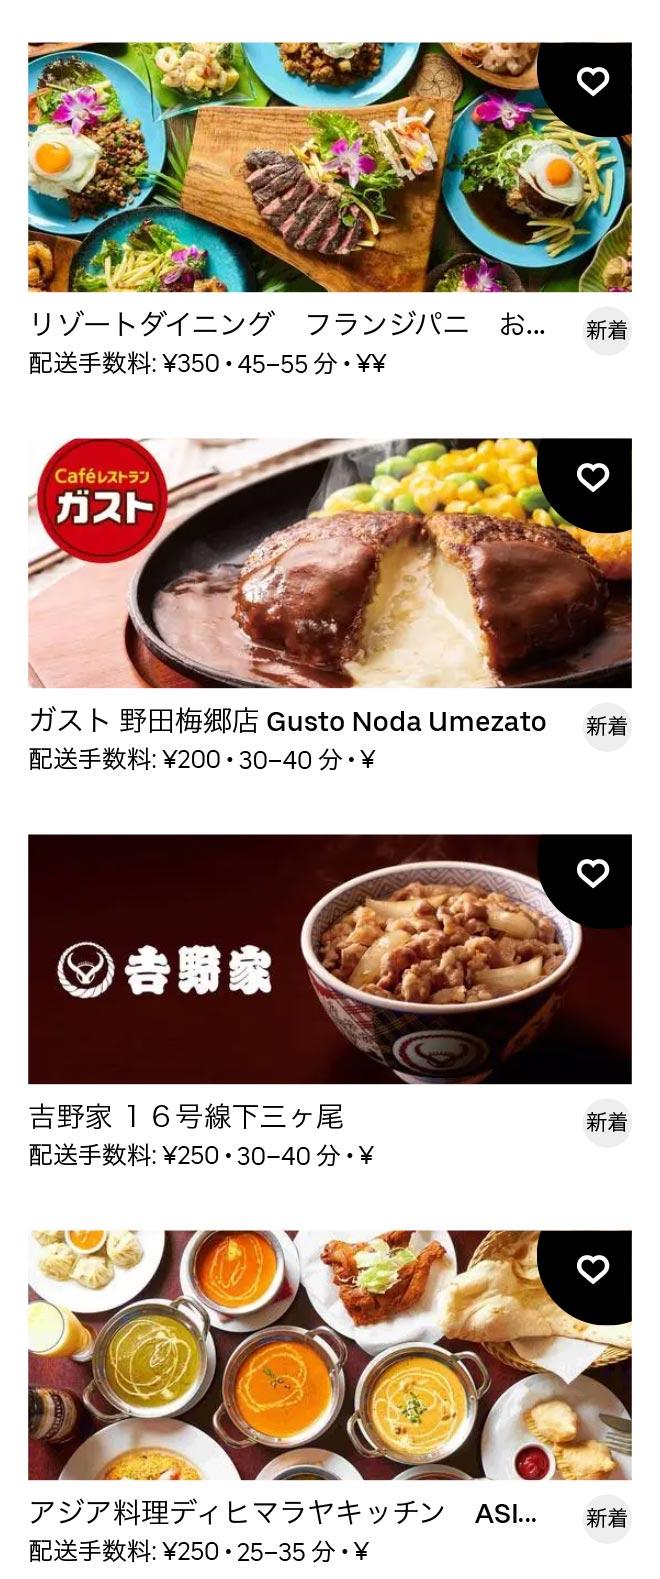 N unga menu 2011 02